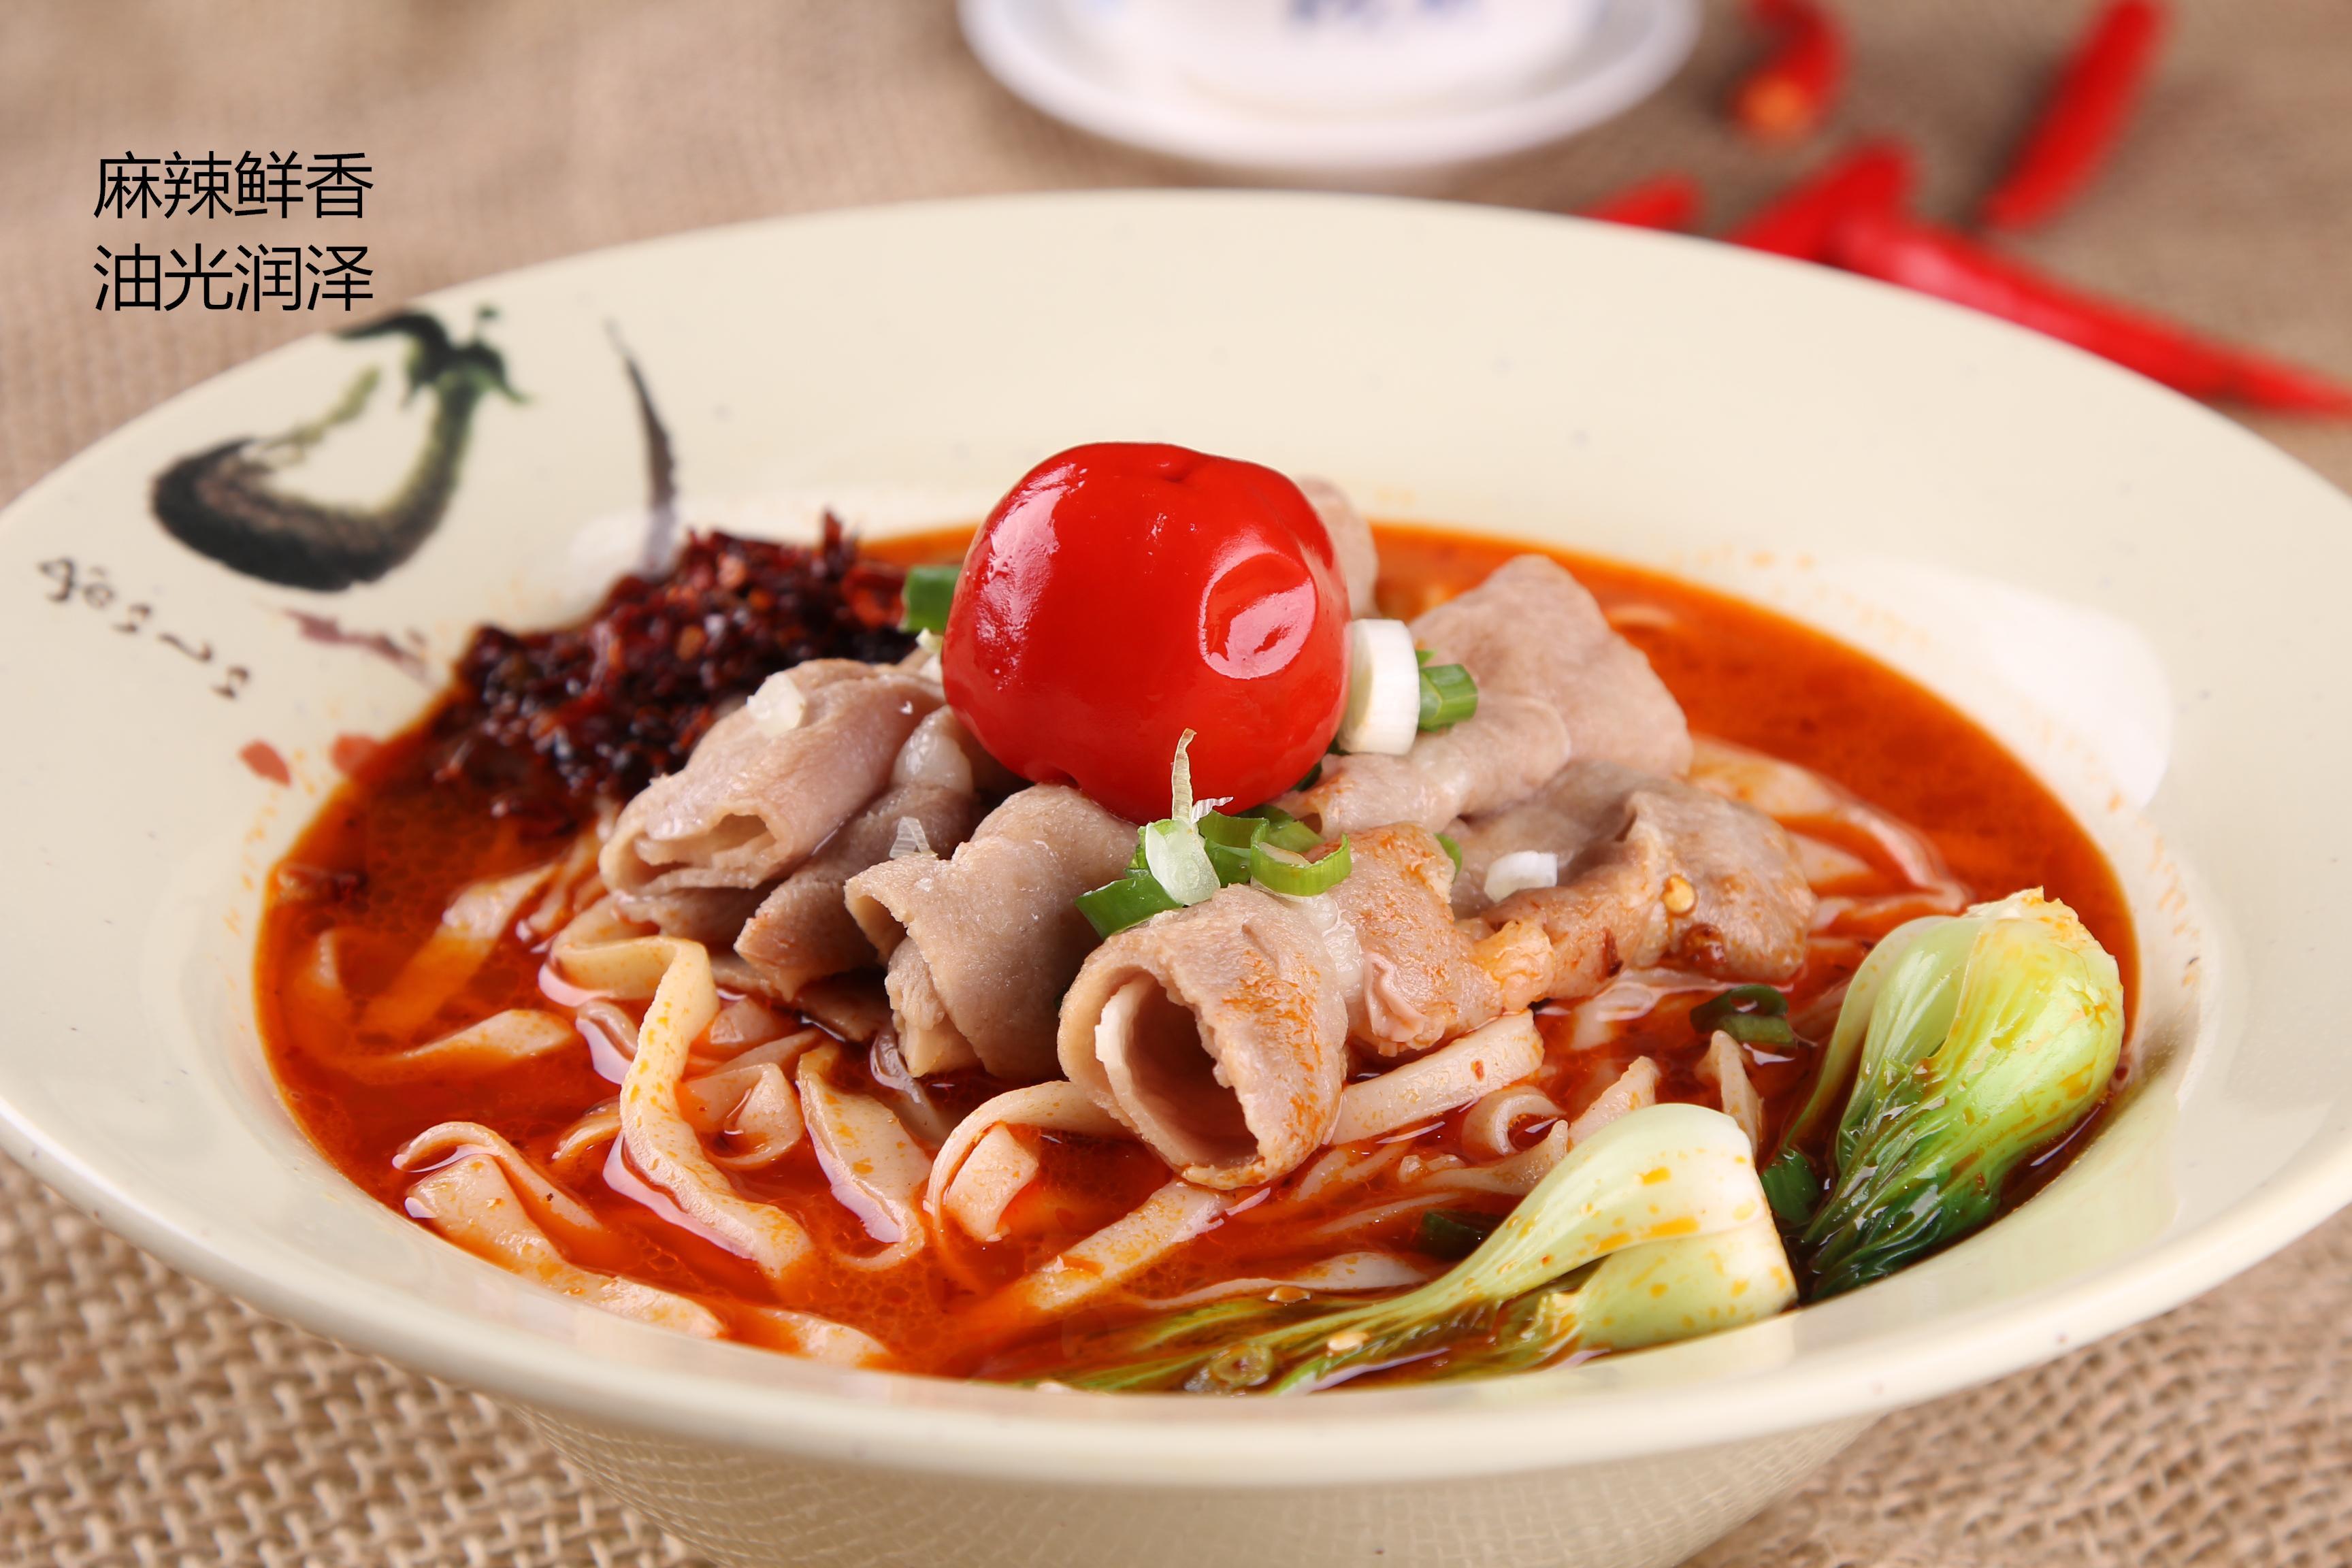 吉林省诸葛餐饮管理有限公司